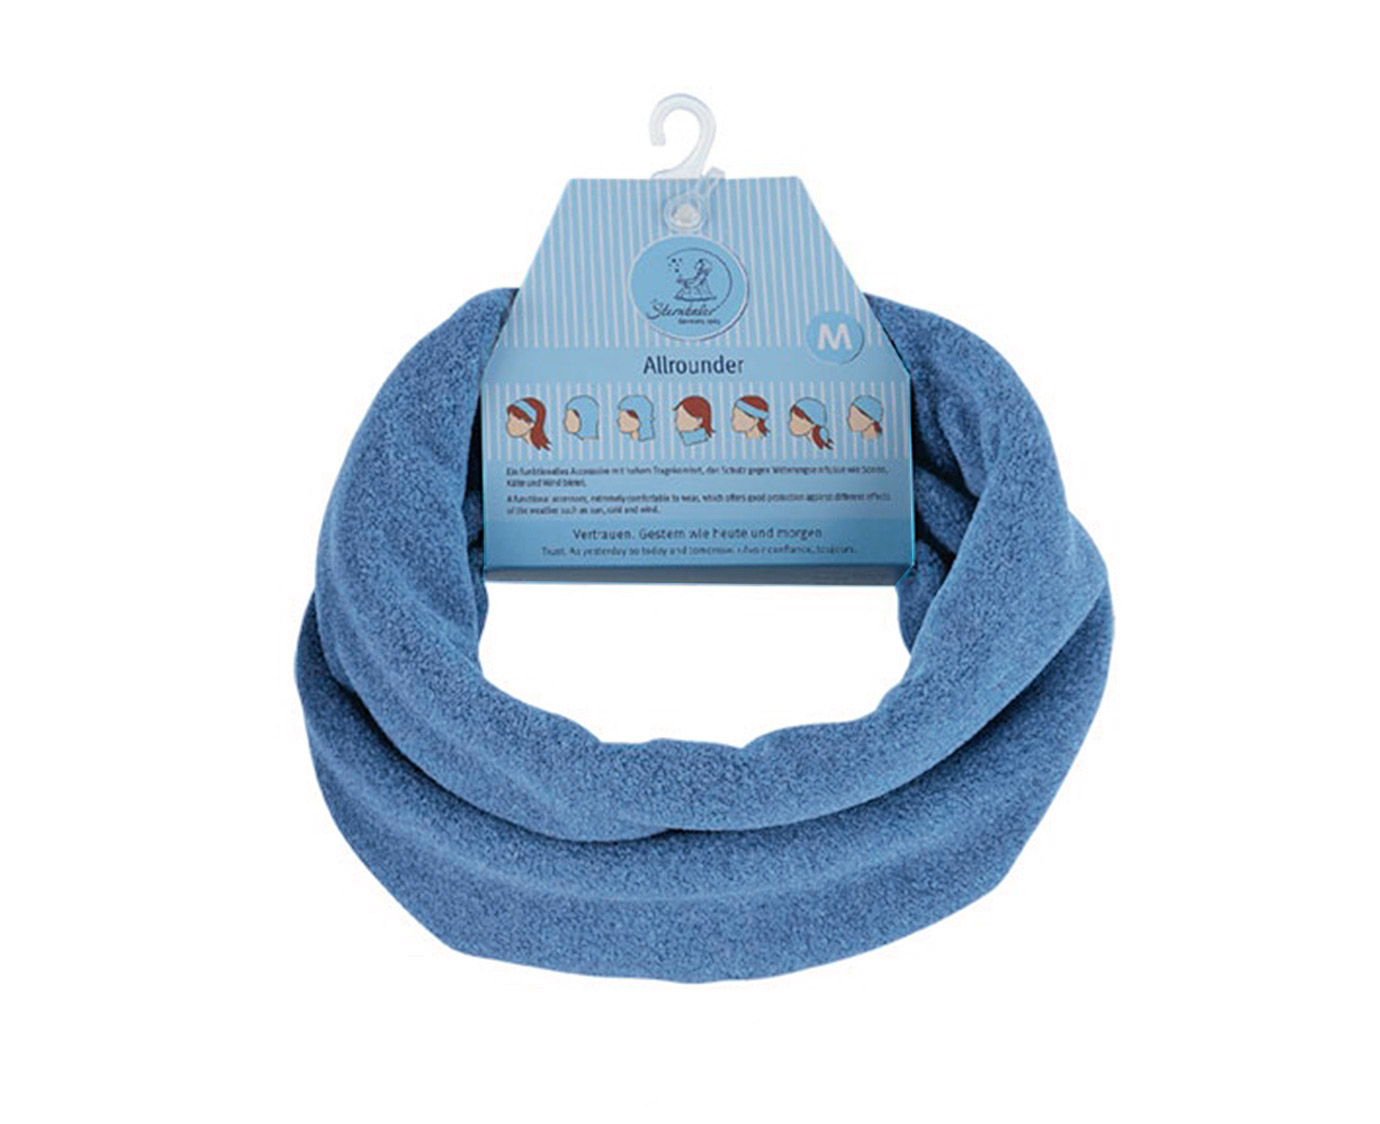 Allrounder 'Hemelsblauw' kleur